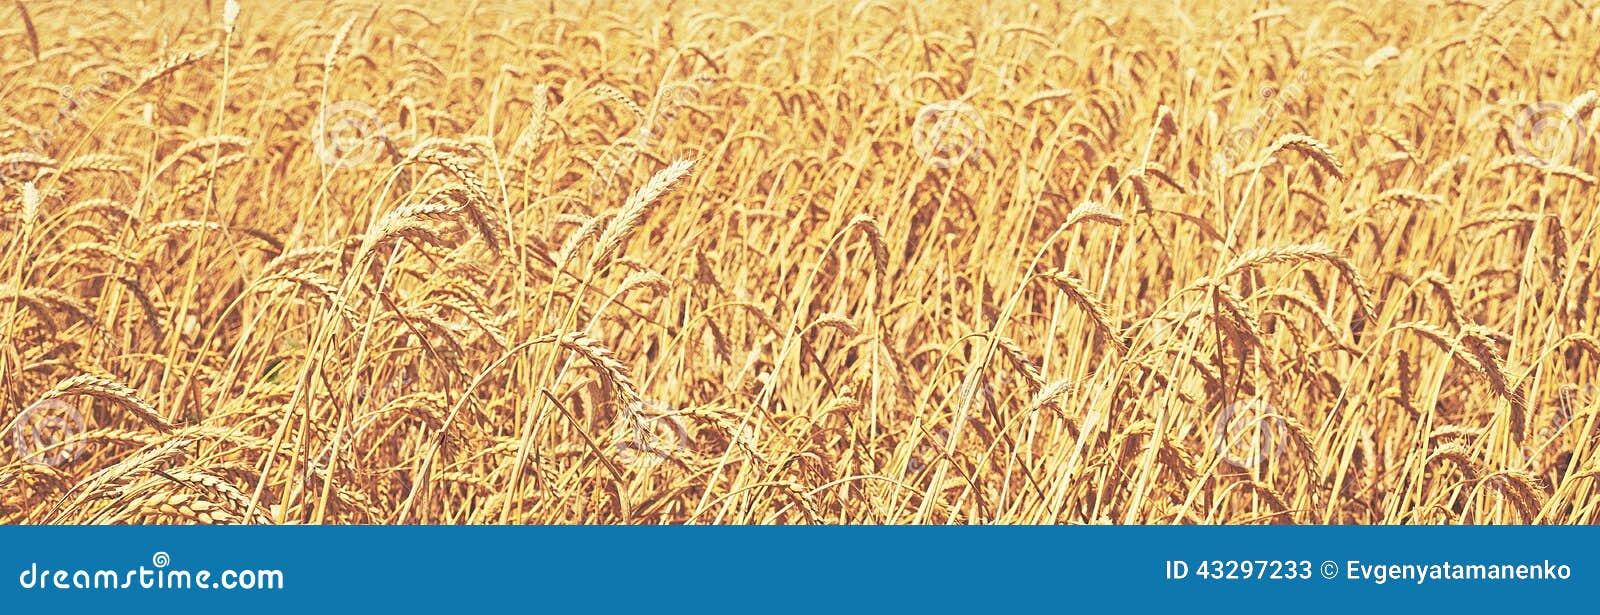 Campo de trigo Fondo natural